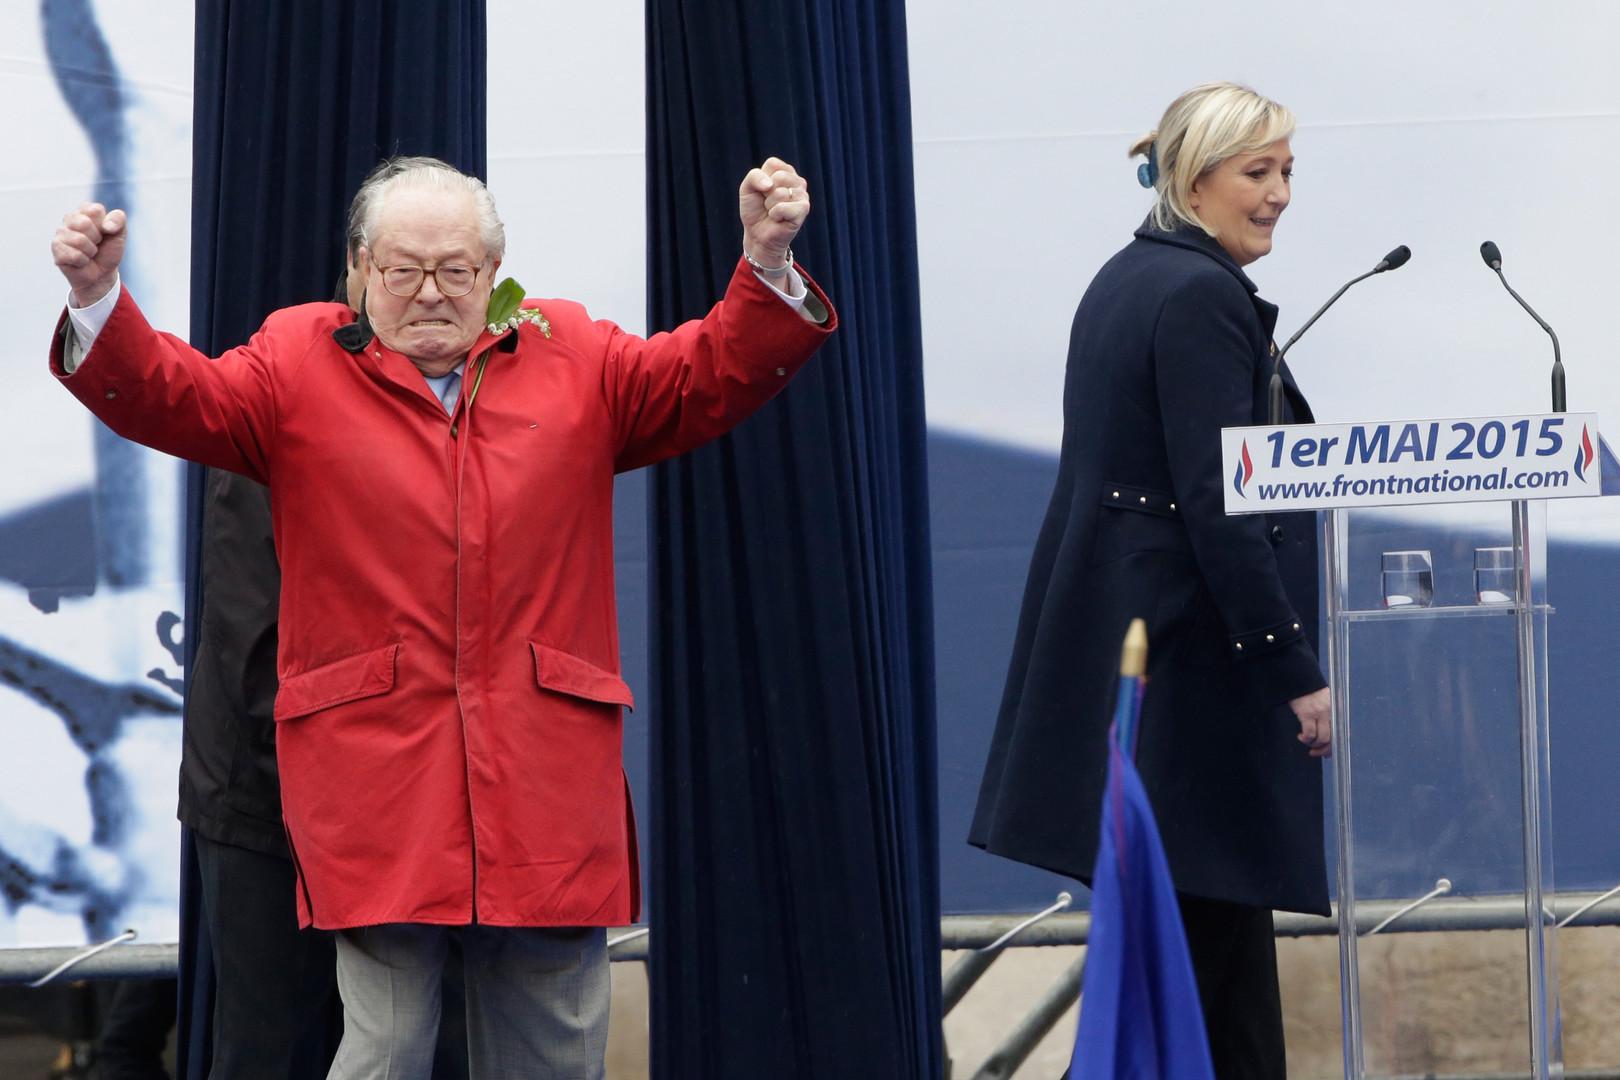 Entre Marine Le Pen et son père, les ponts sont coupés. Mais nombreux sont ceux qui estiment que Marion Maréchal-Le Pen commence aussi à faire de l'ombre à sa tante.